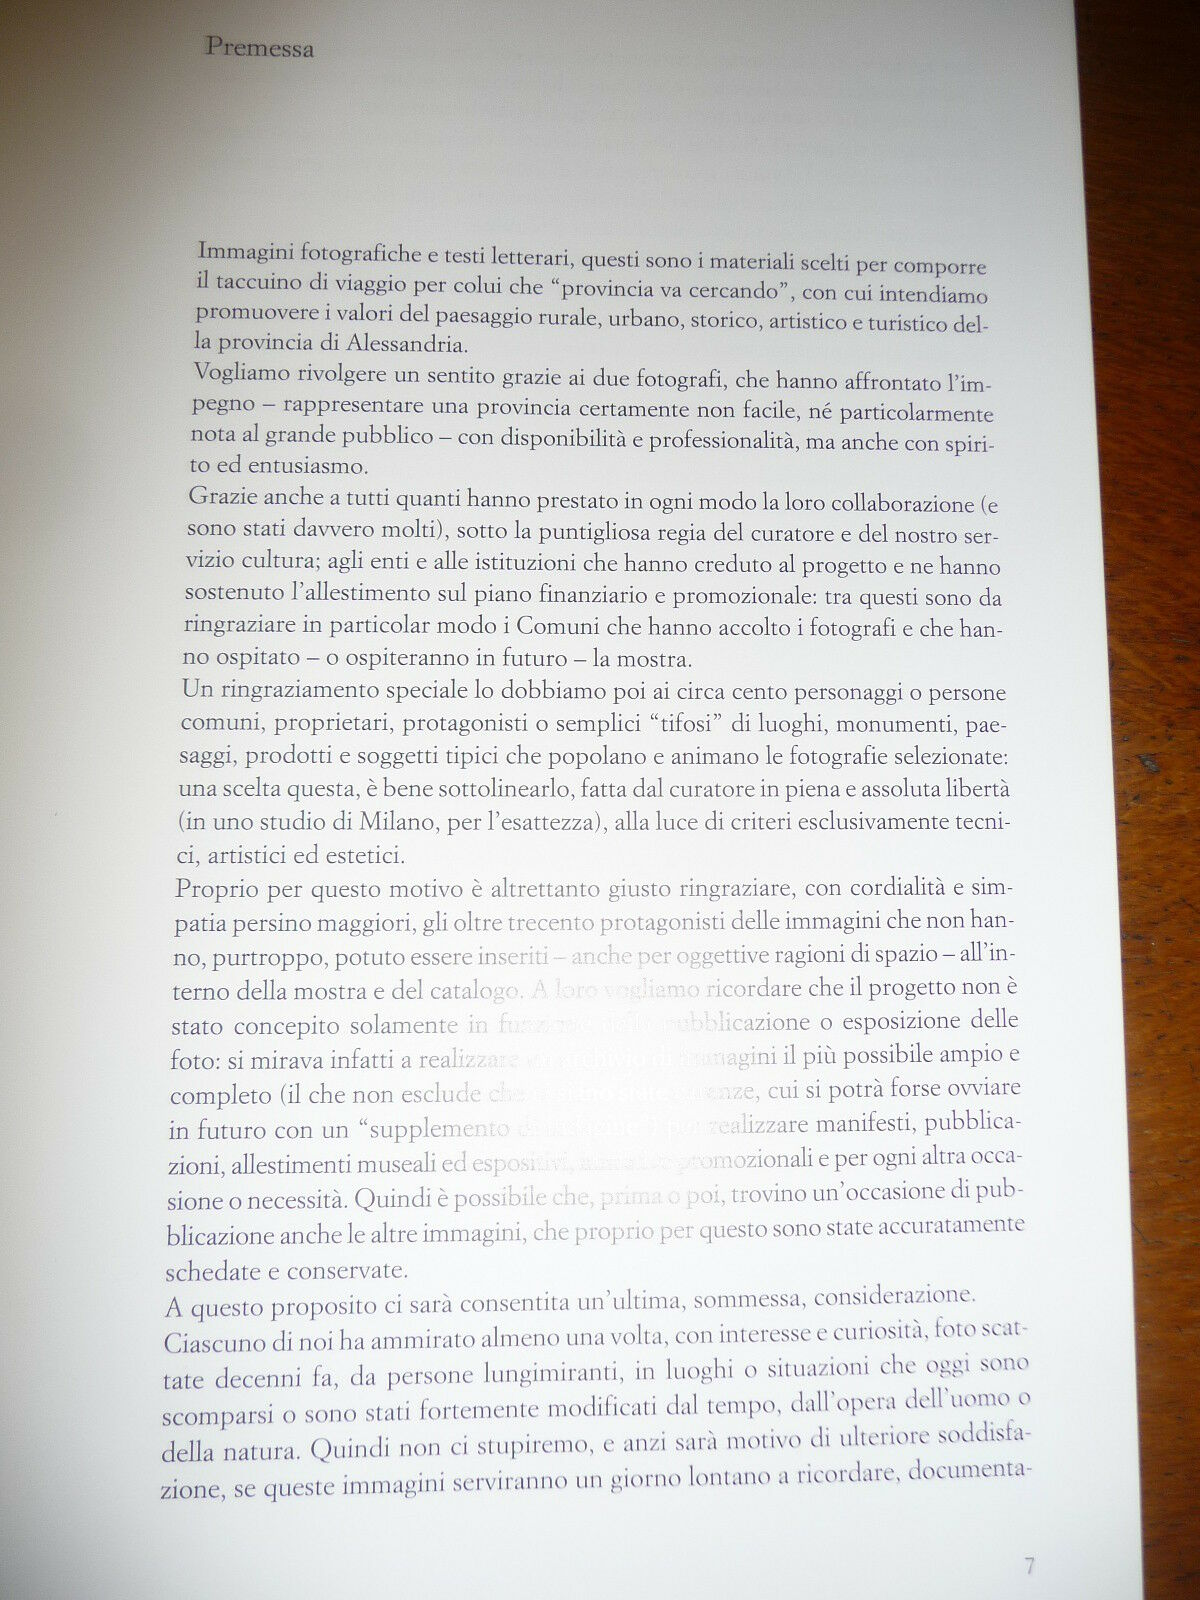 PROVINCIA VO CERCANDO PAESAGGIO RURALE URBANO STORICO ARTISTICO DI ALESSANDRIA